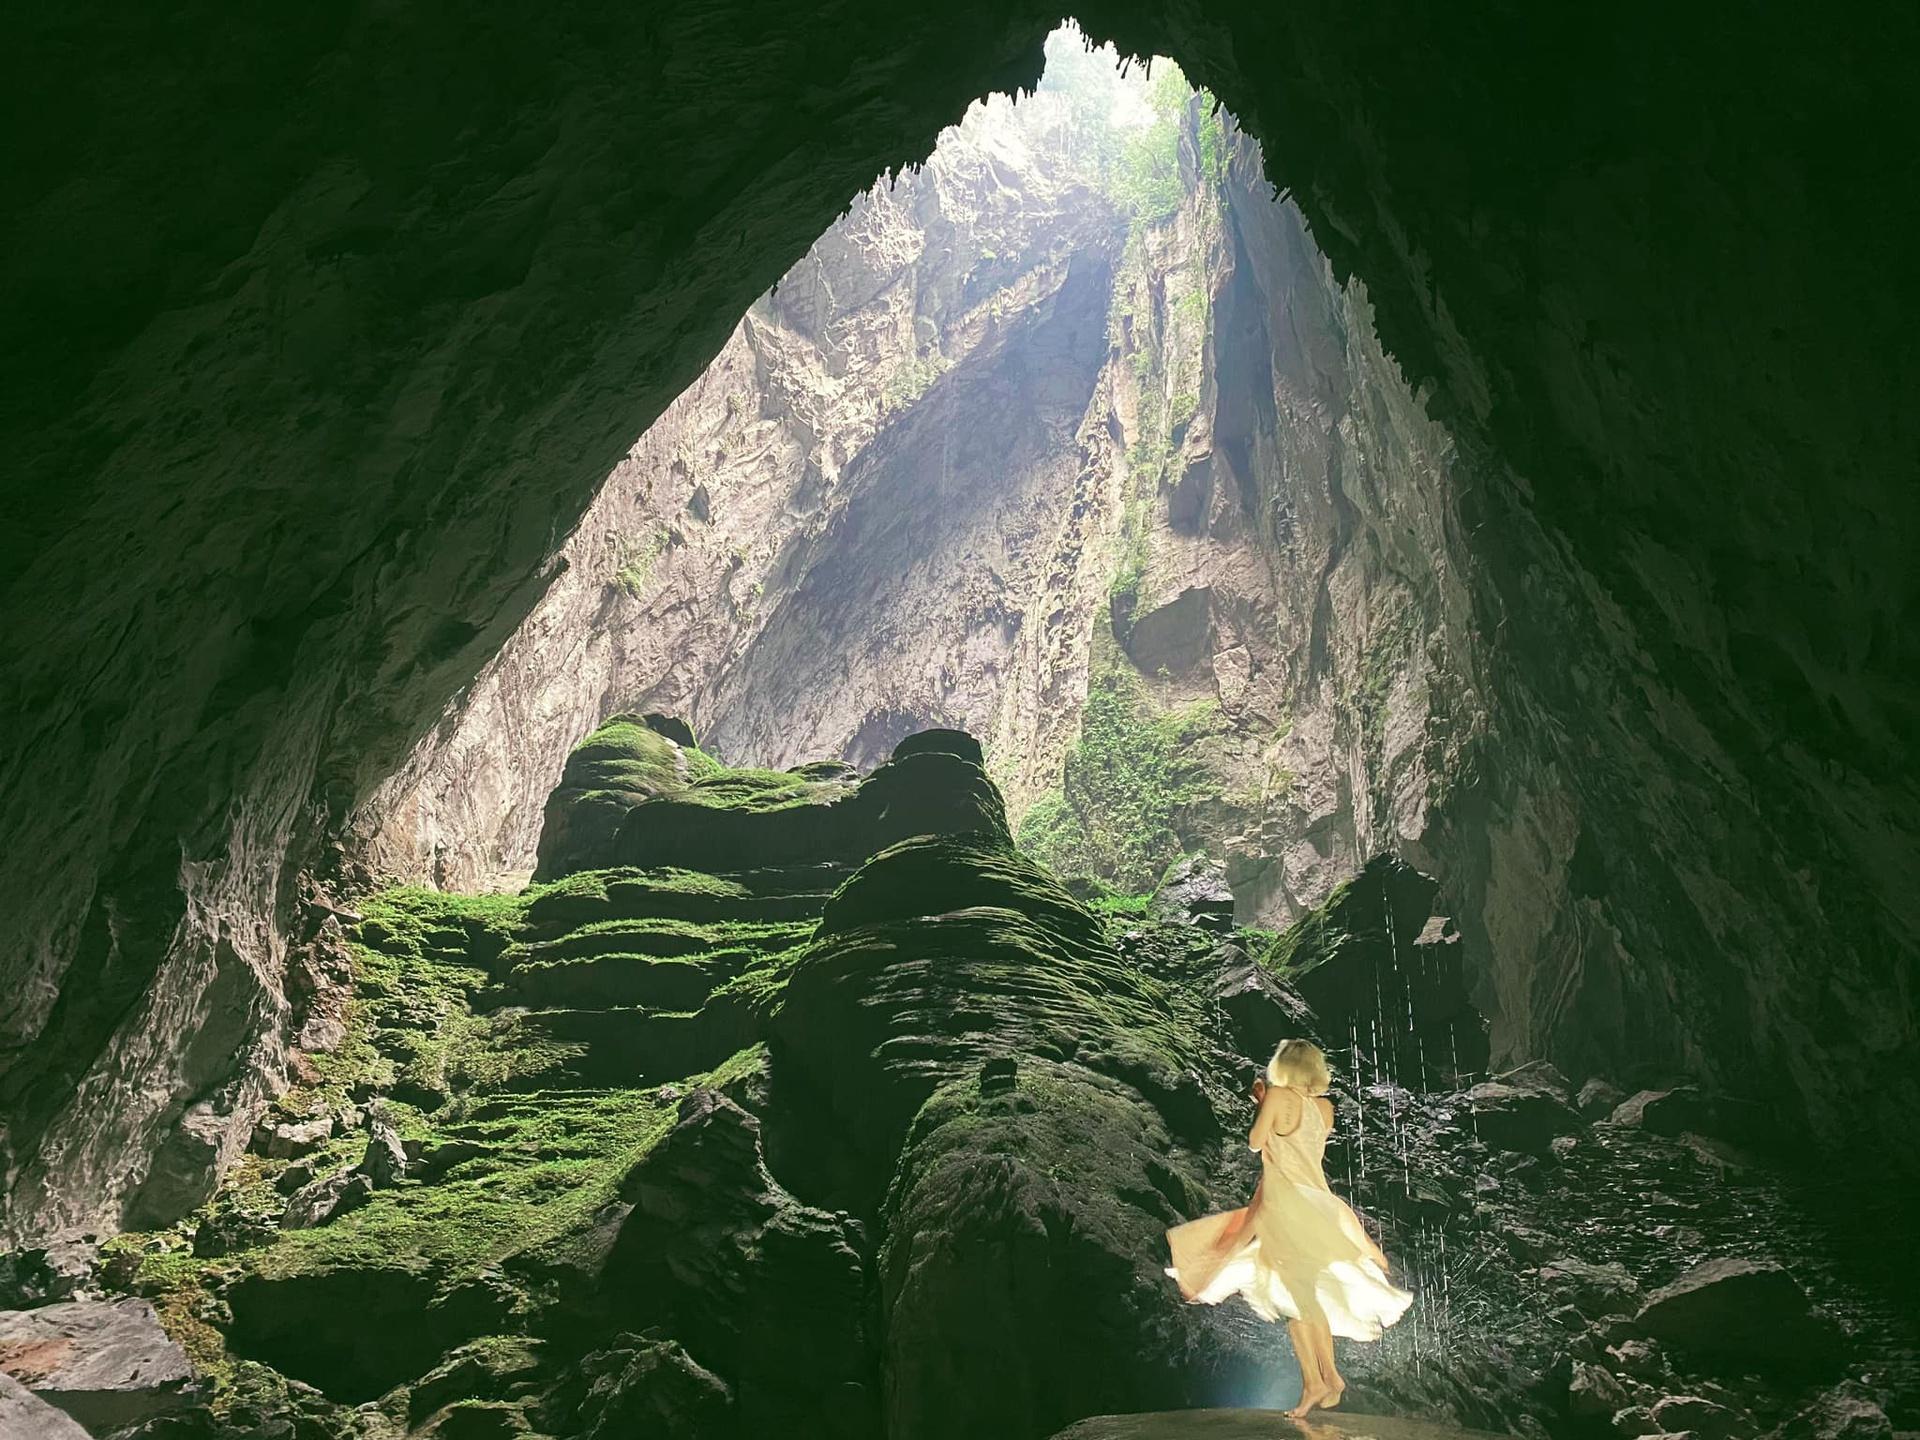 vuon quoc gia Phong Nha - Ke Bang anh 1  - 164909256_10159274130638142_8878936357503540101_n - Vườn quốc gia nào có diện tích lớn nhất Việt Nam?